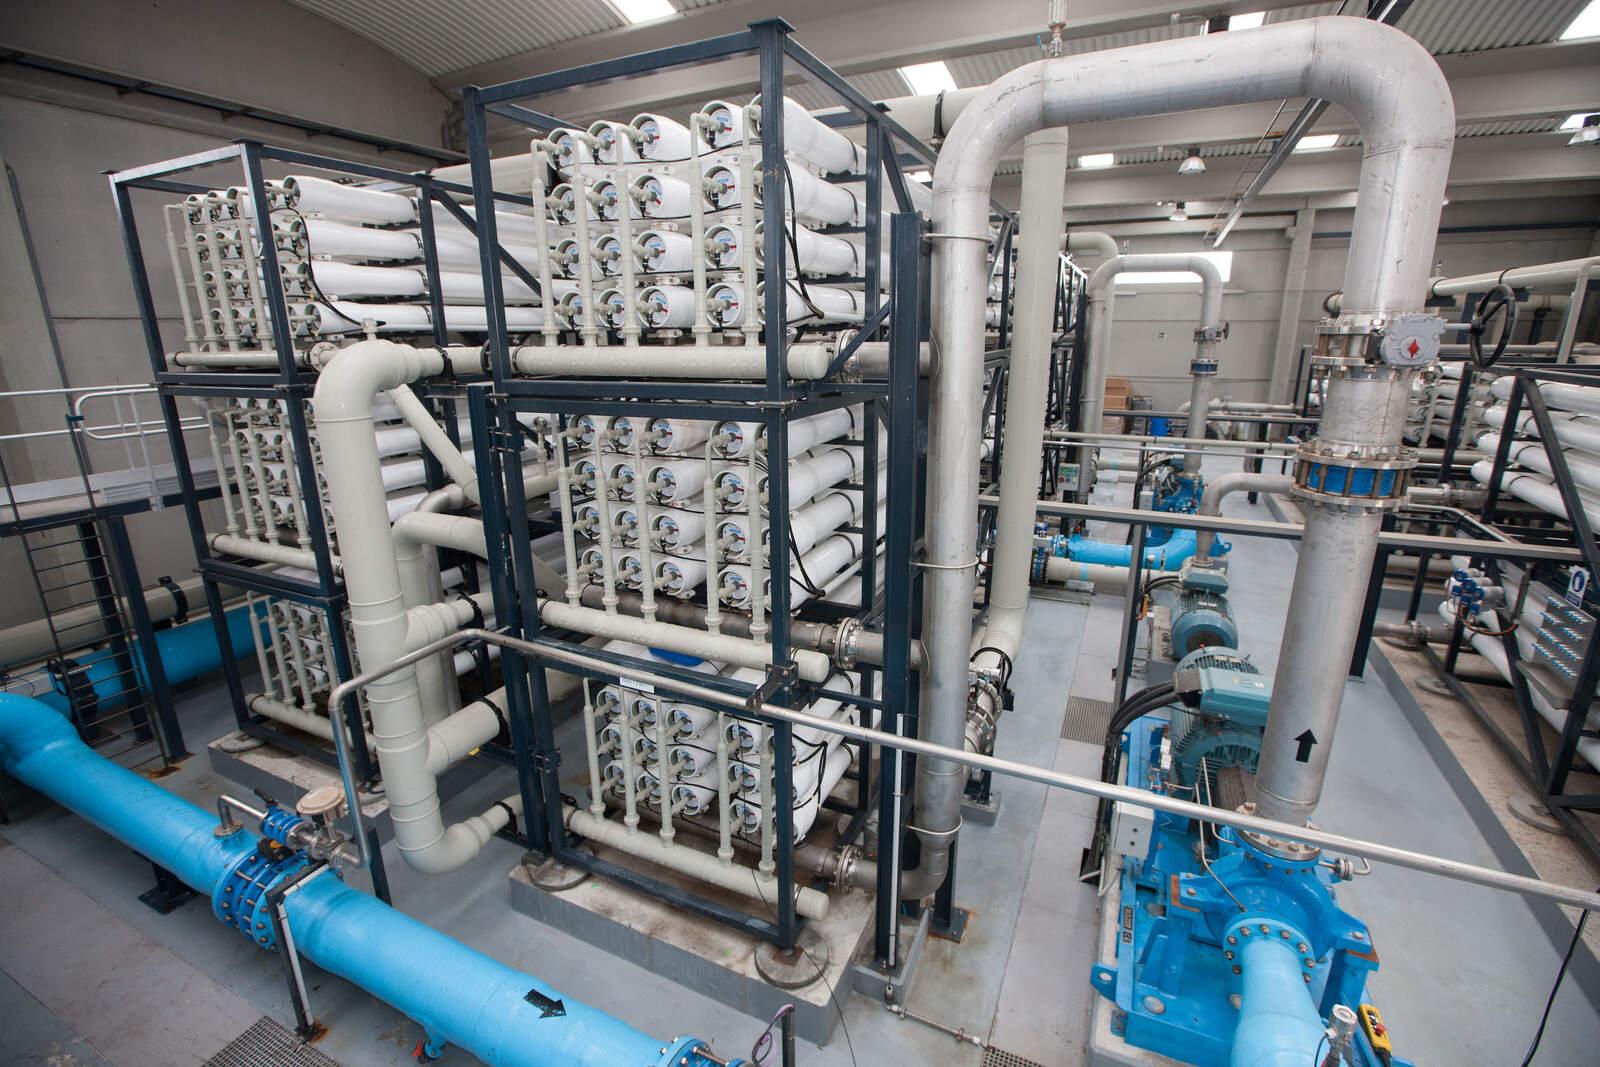 L'interior de la planta d'aigua reciclada que abasteix el polígon petroquímic de Tarragona